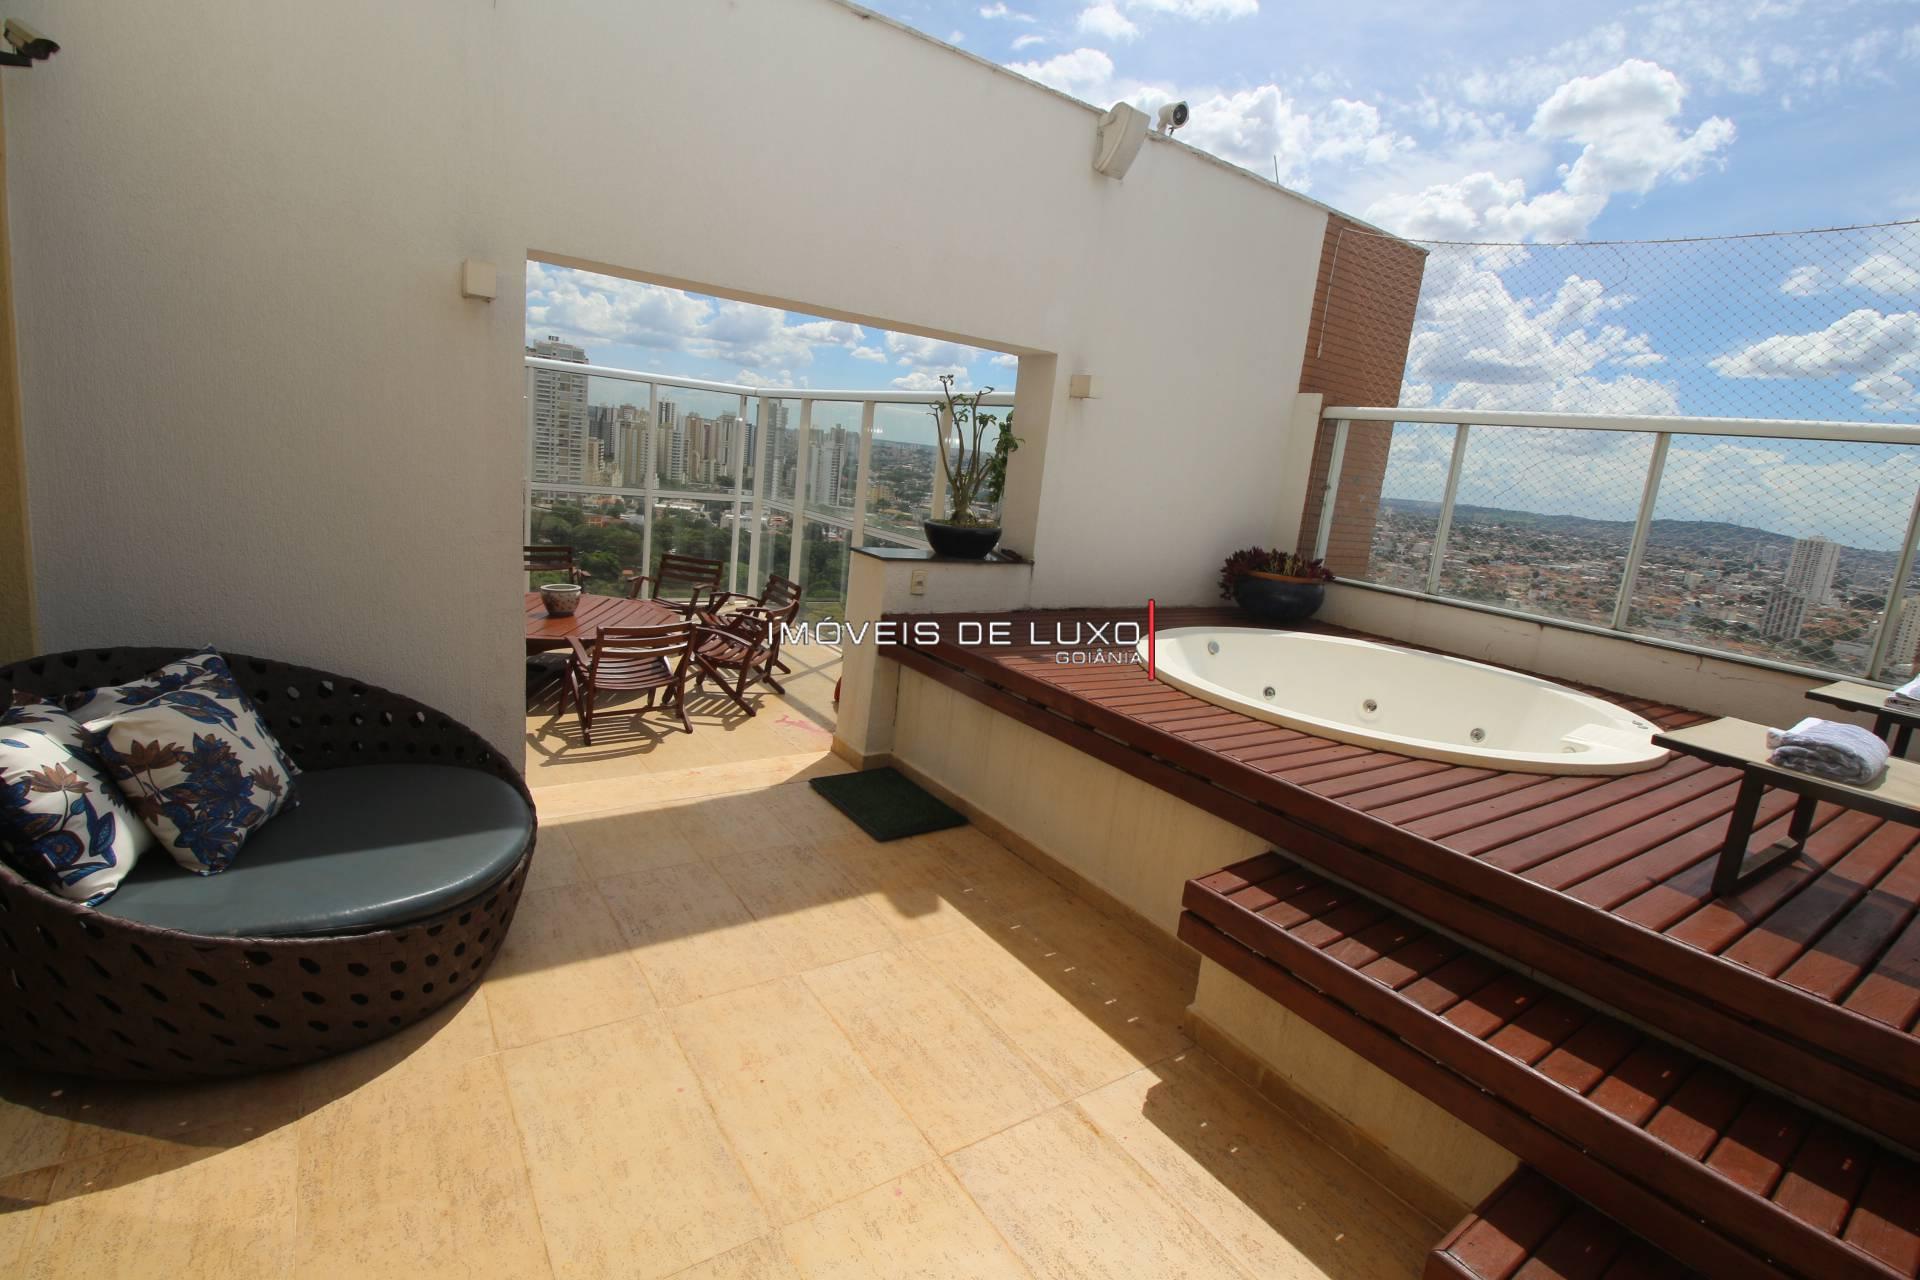 Imóveis de Luxo - Cobertura decorada em frente ao Lago das Rosas